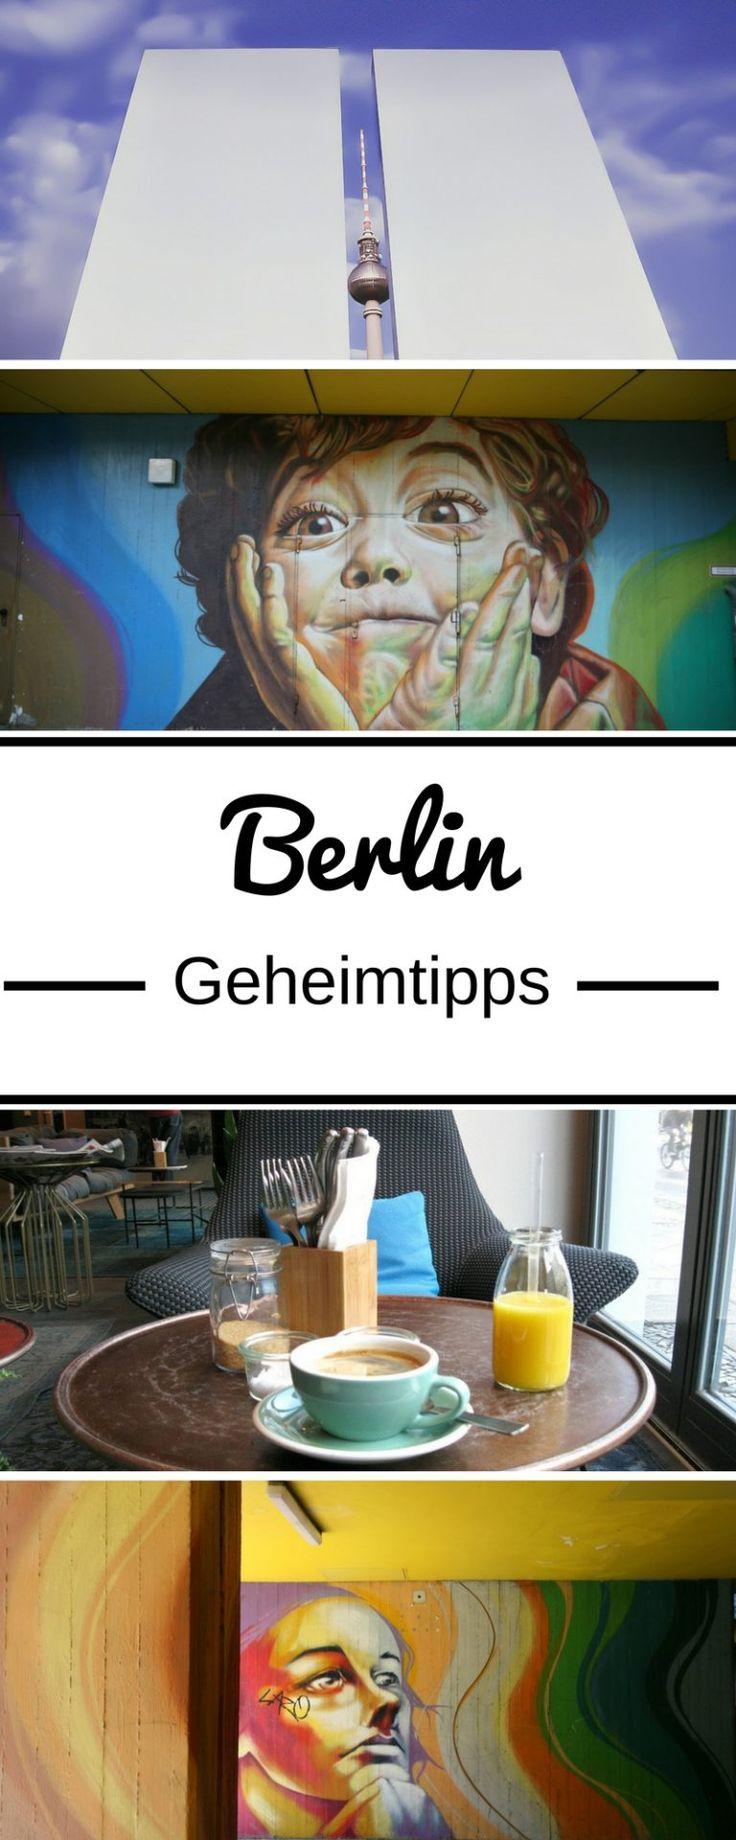 Berlin Geheimtipps: Die schönsten Berlin Sehenswürdigkeiten